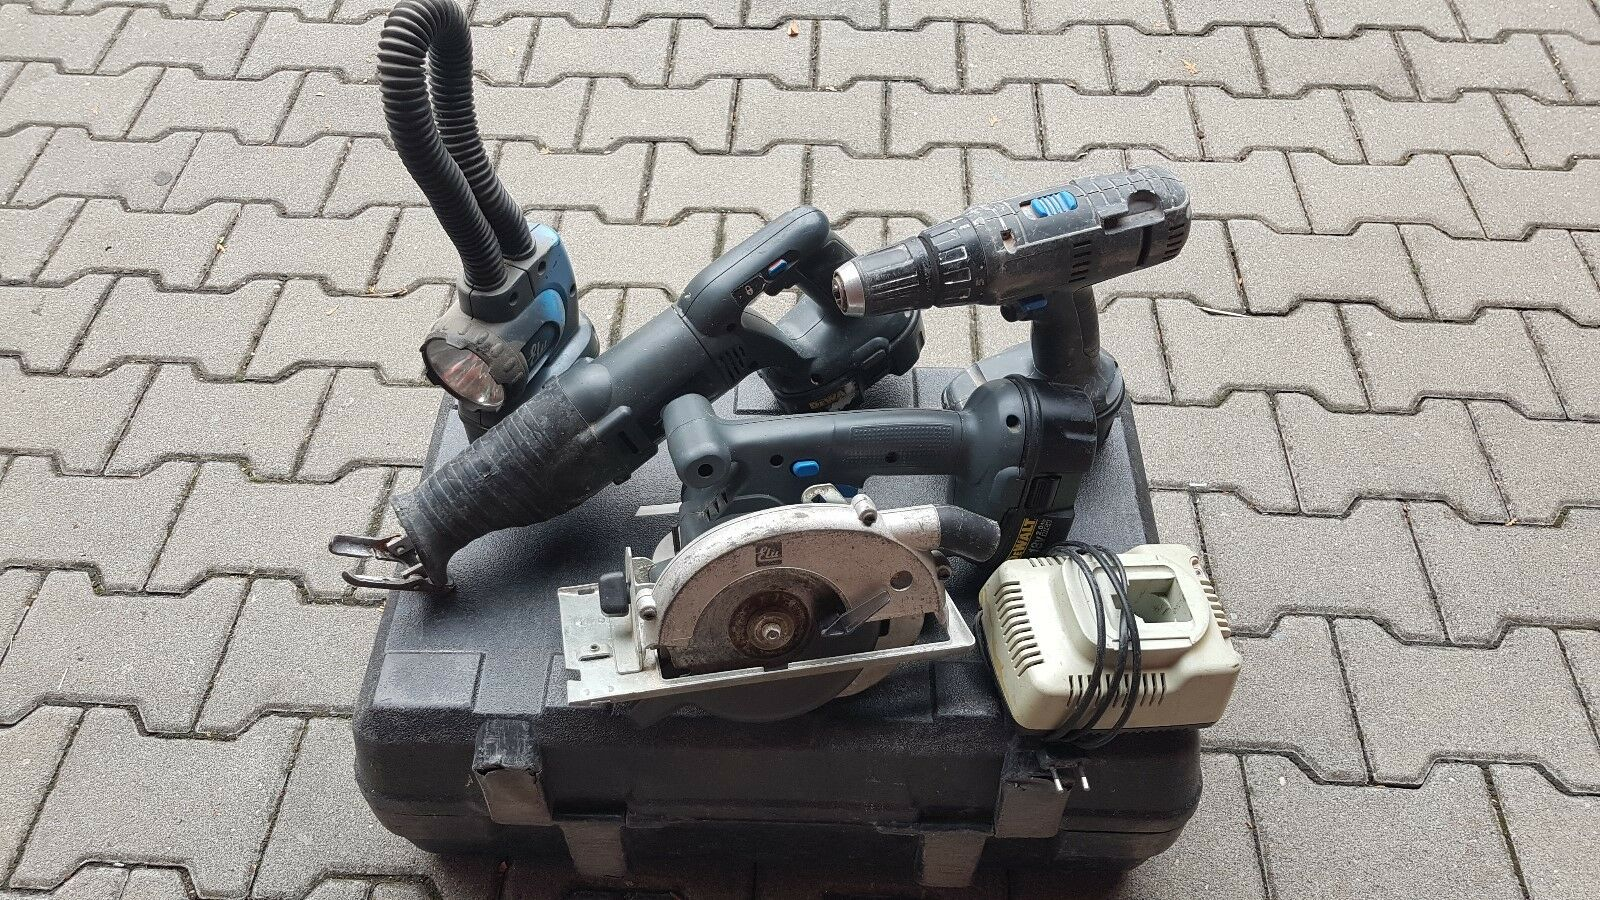 Elu Akku Werkzeugset 18 V mit Handkreissäge, Säbelsäge, Schlagbohrschr. & Lampe